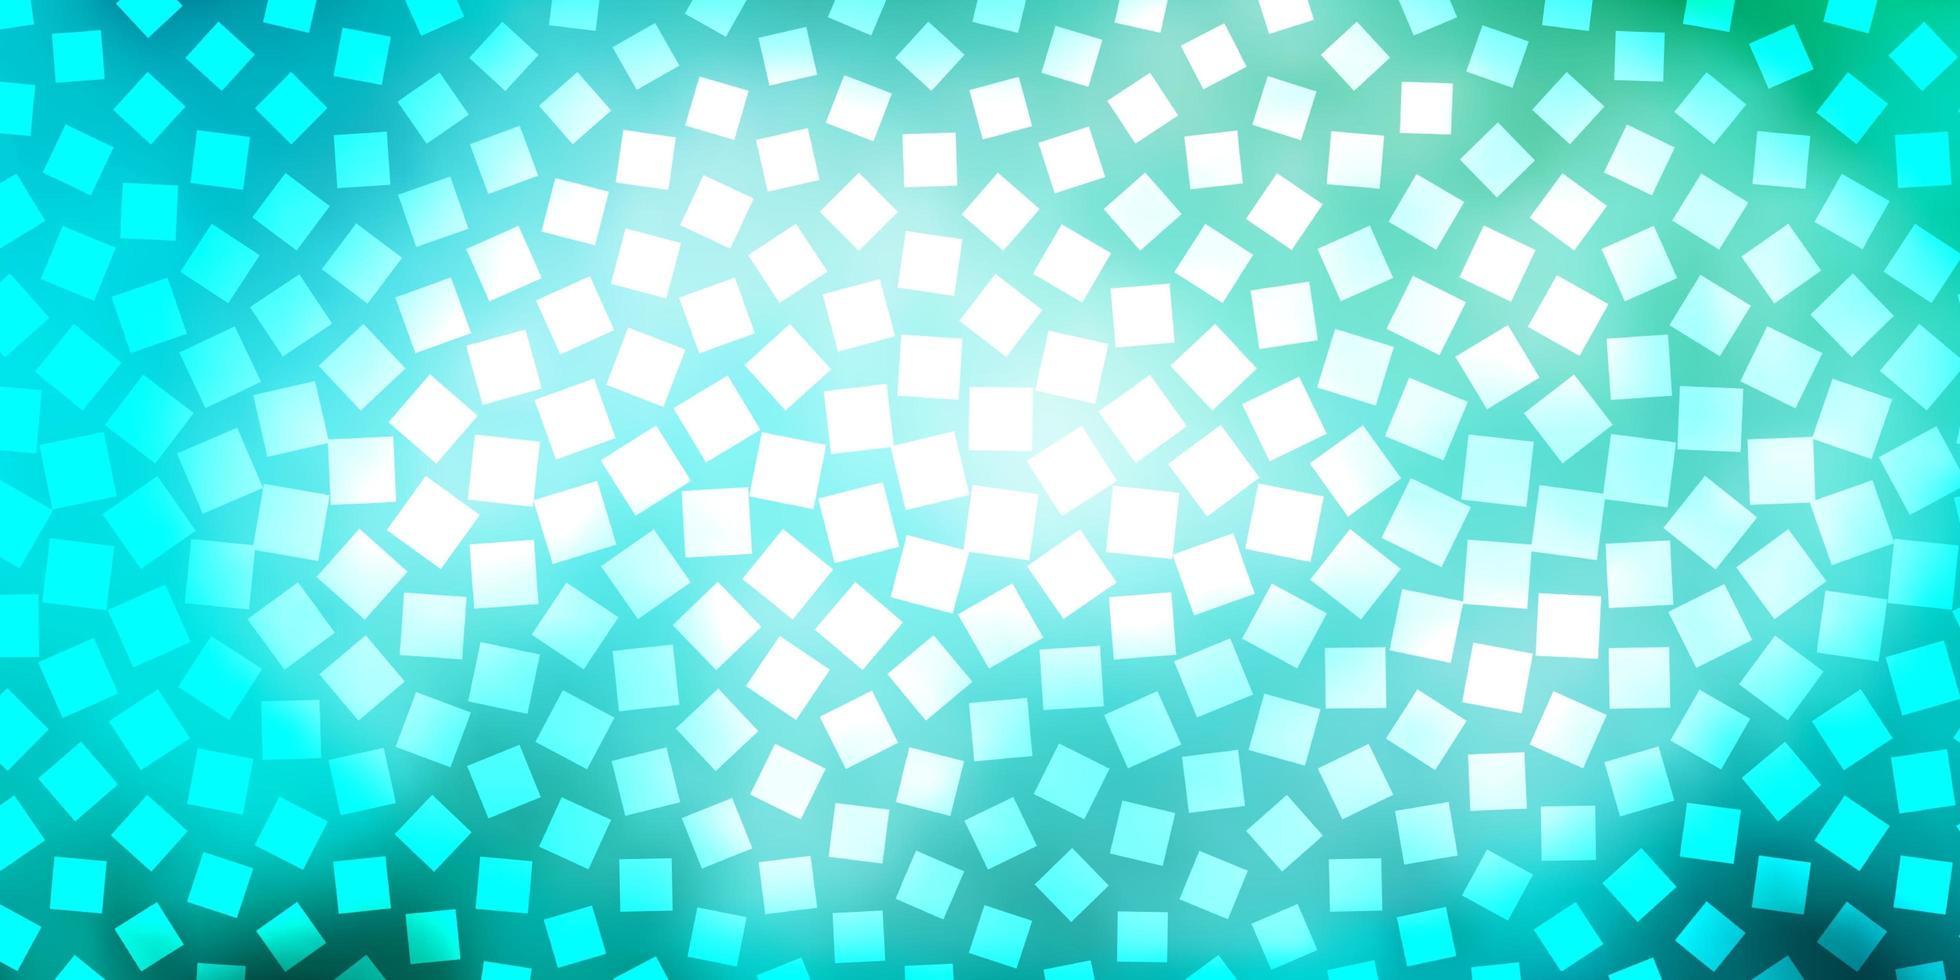 layout de vetor de azul claro e verde com linhas, retângulos.